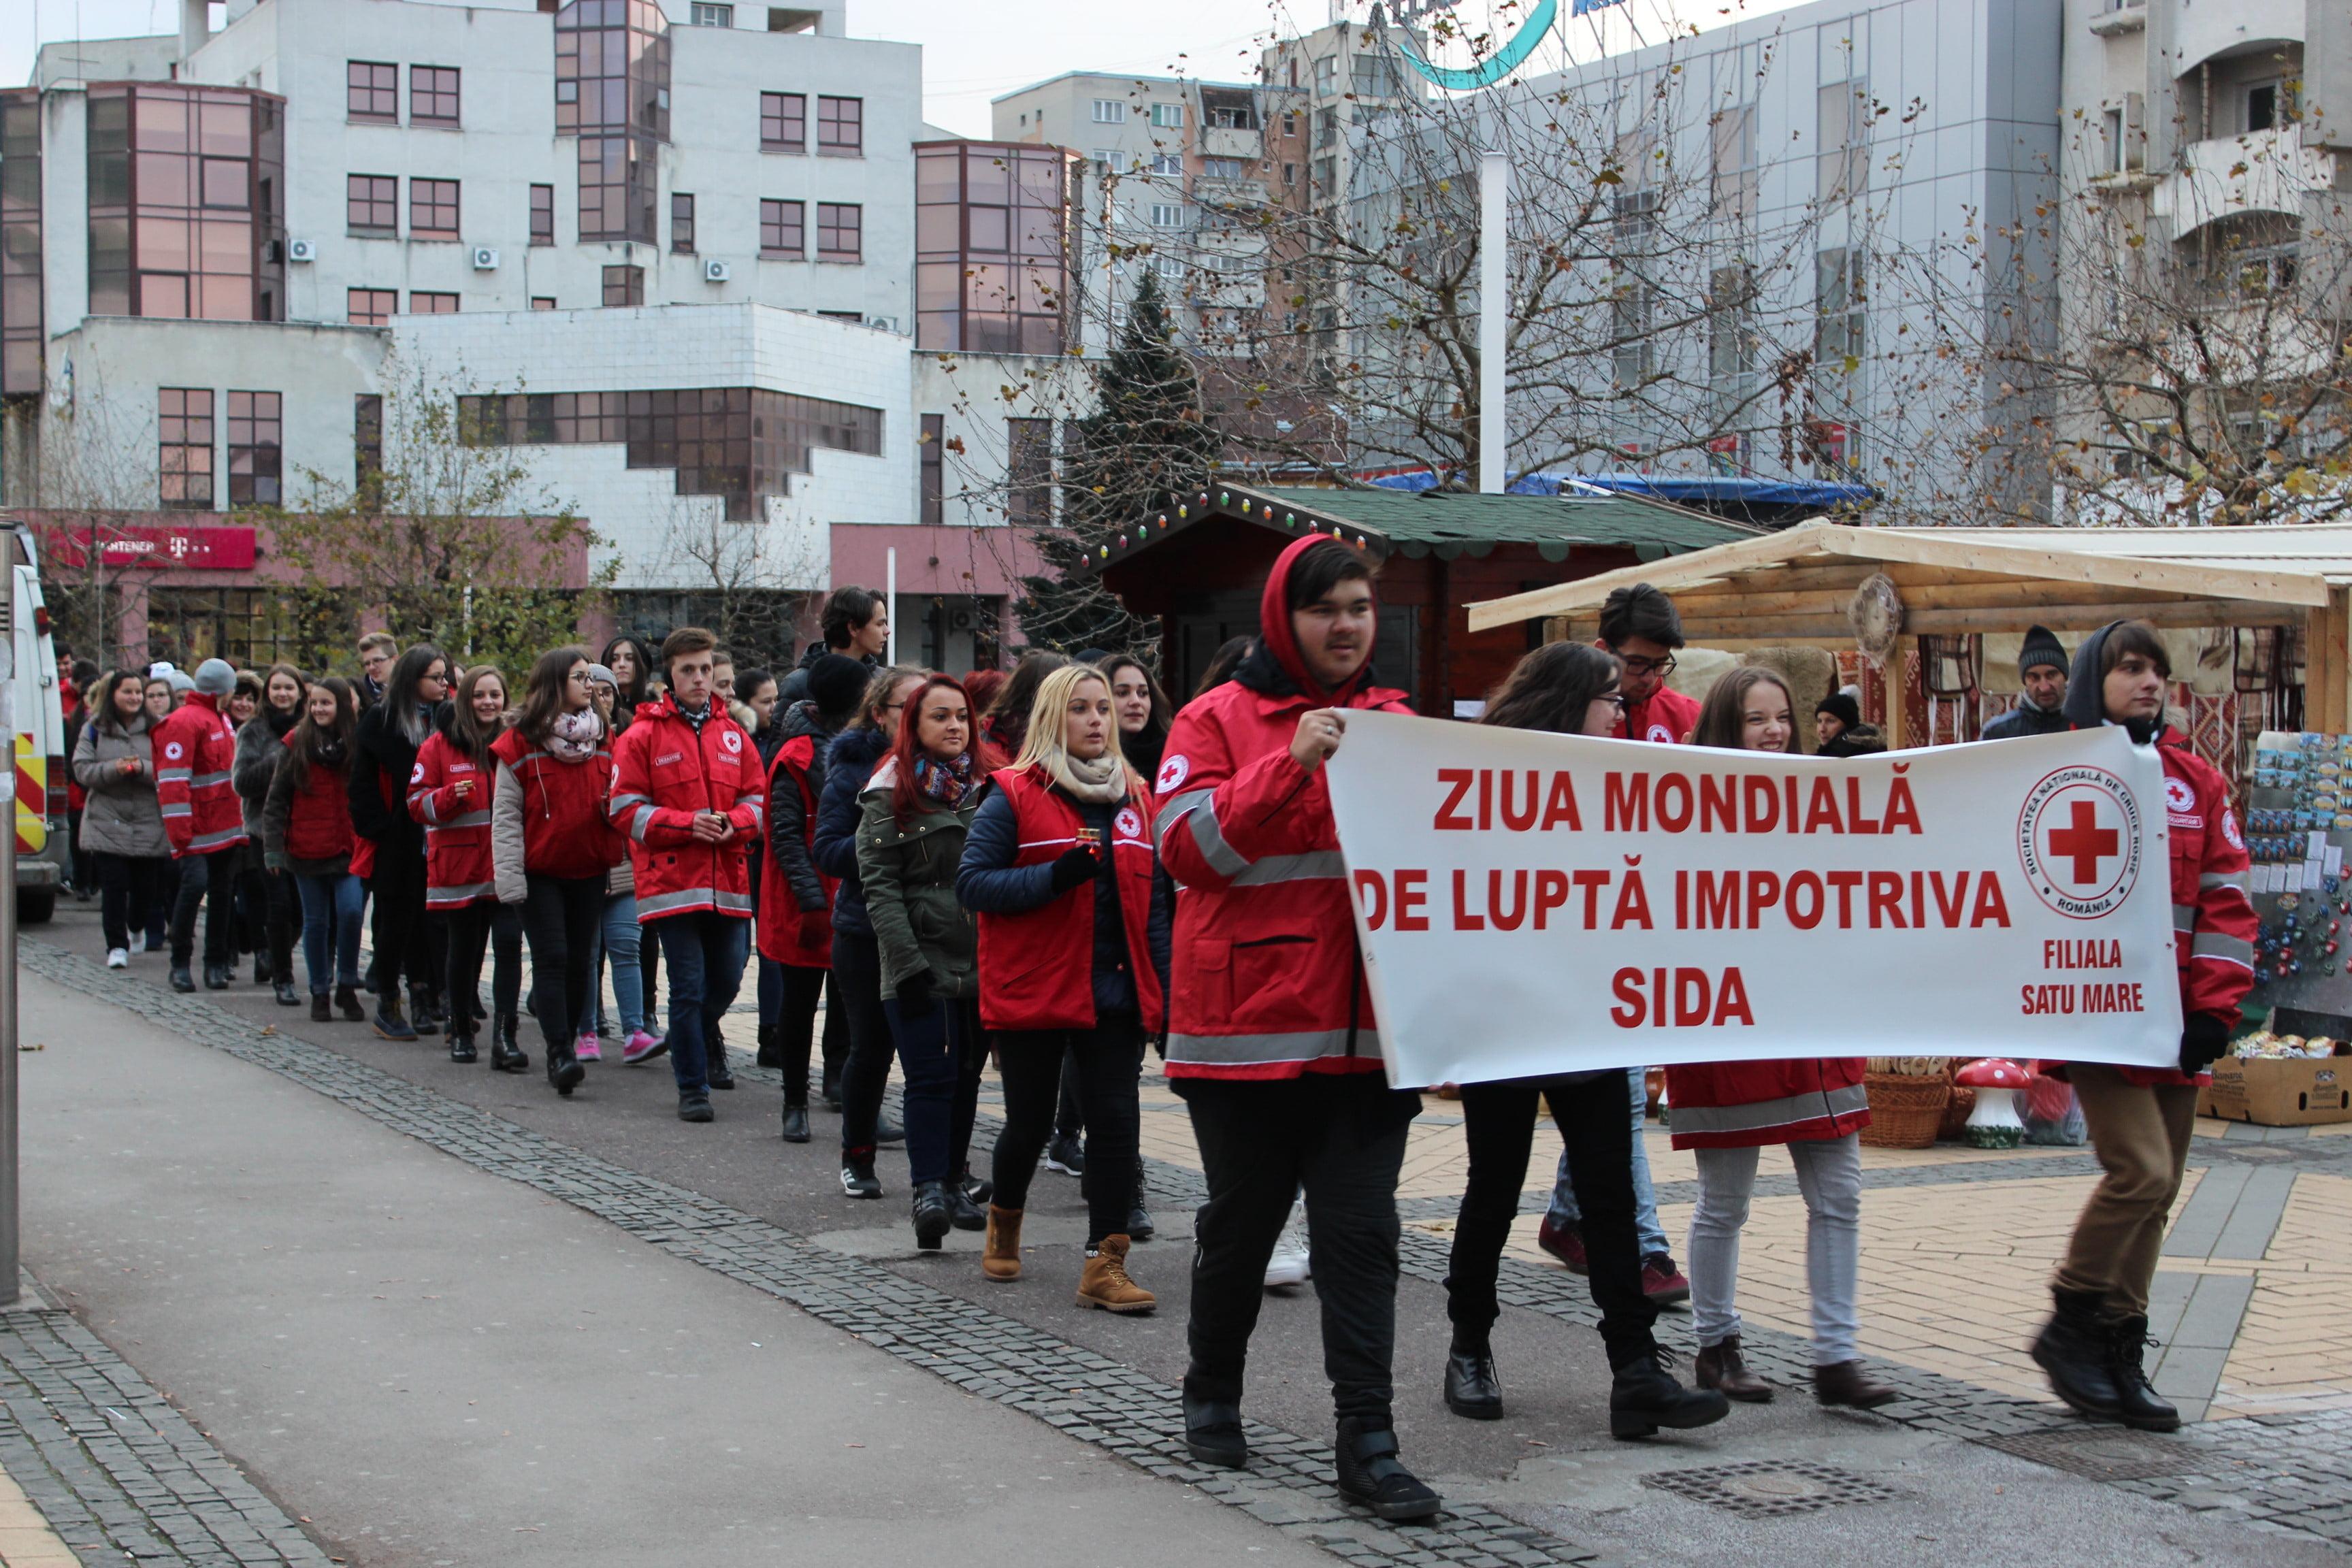 Numărul persoanelor cu SIDA este în creștere în Satu Mare. Peste 100 de persoane la marșul anti-SIDA